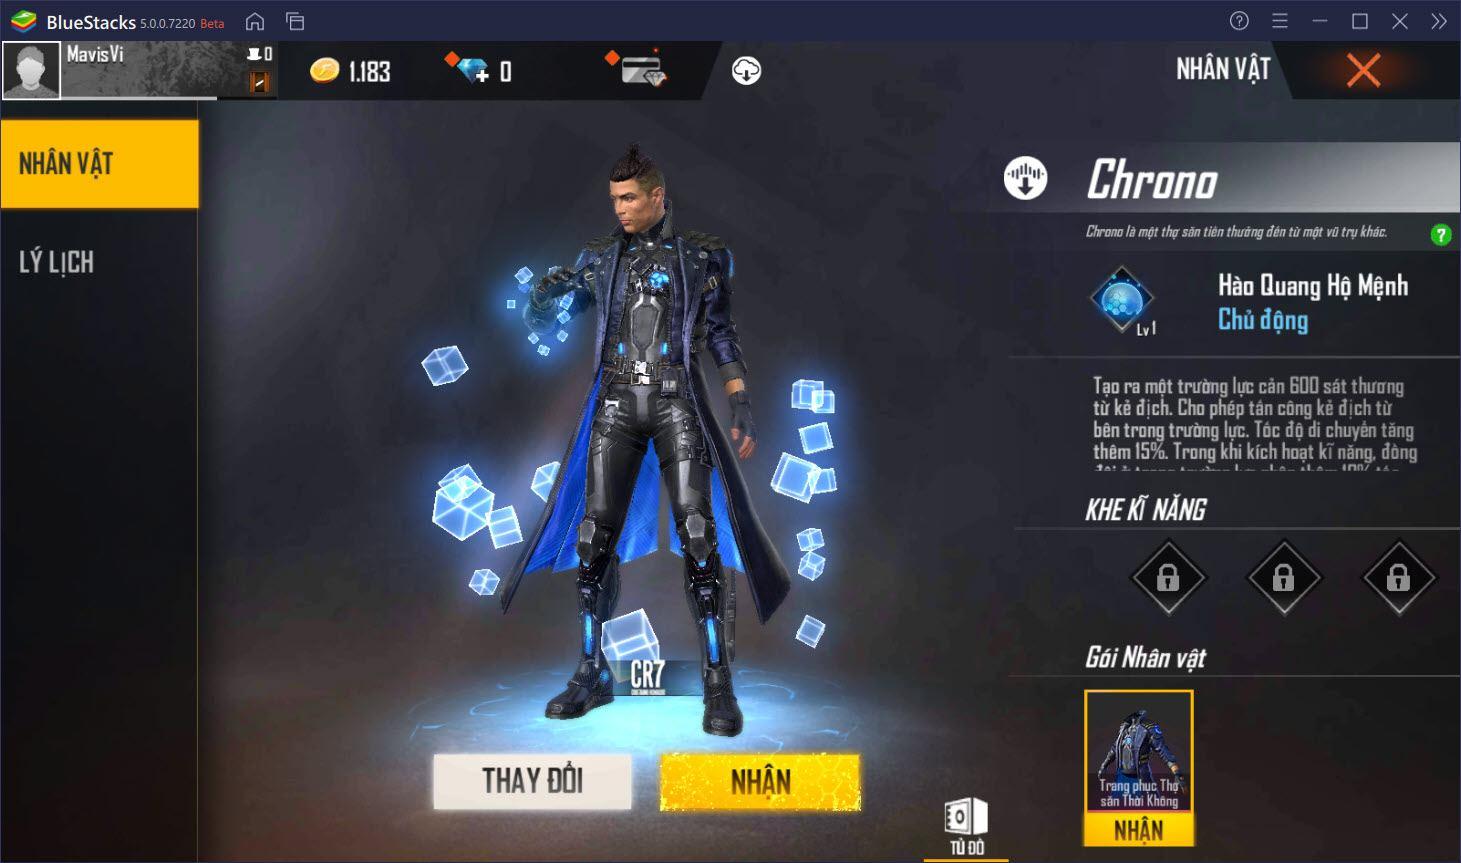 Garena Free Fire Max : Chơi Duo thì nên chọn nhân vật nào?